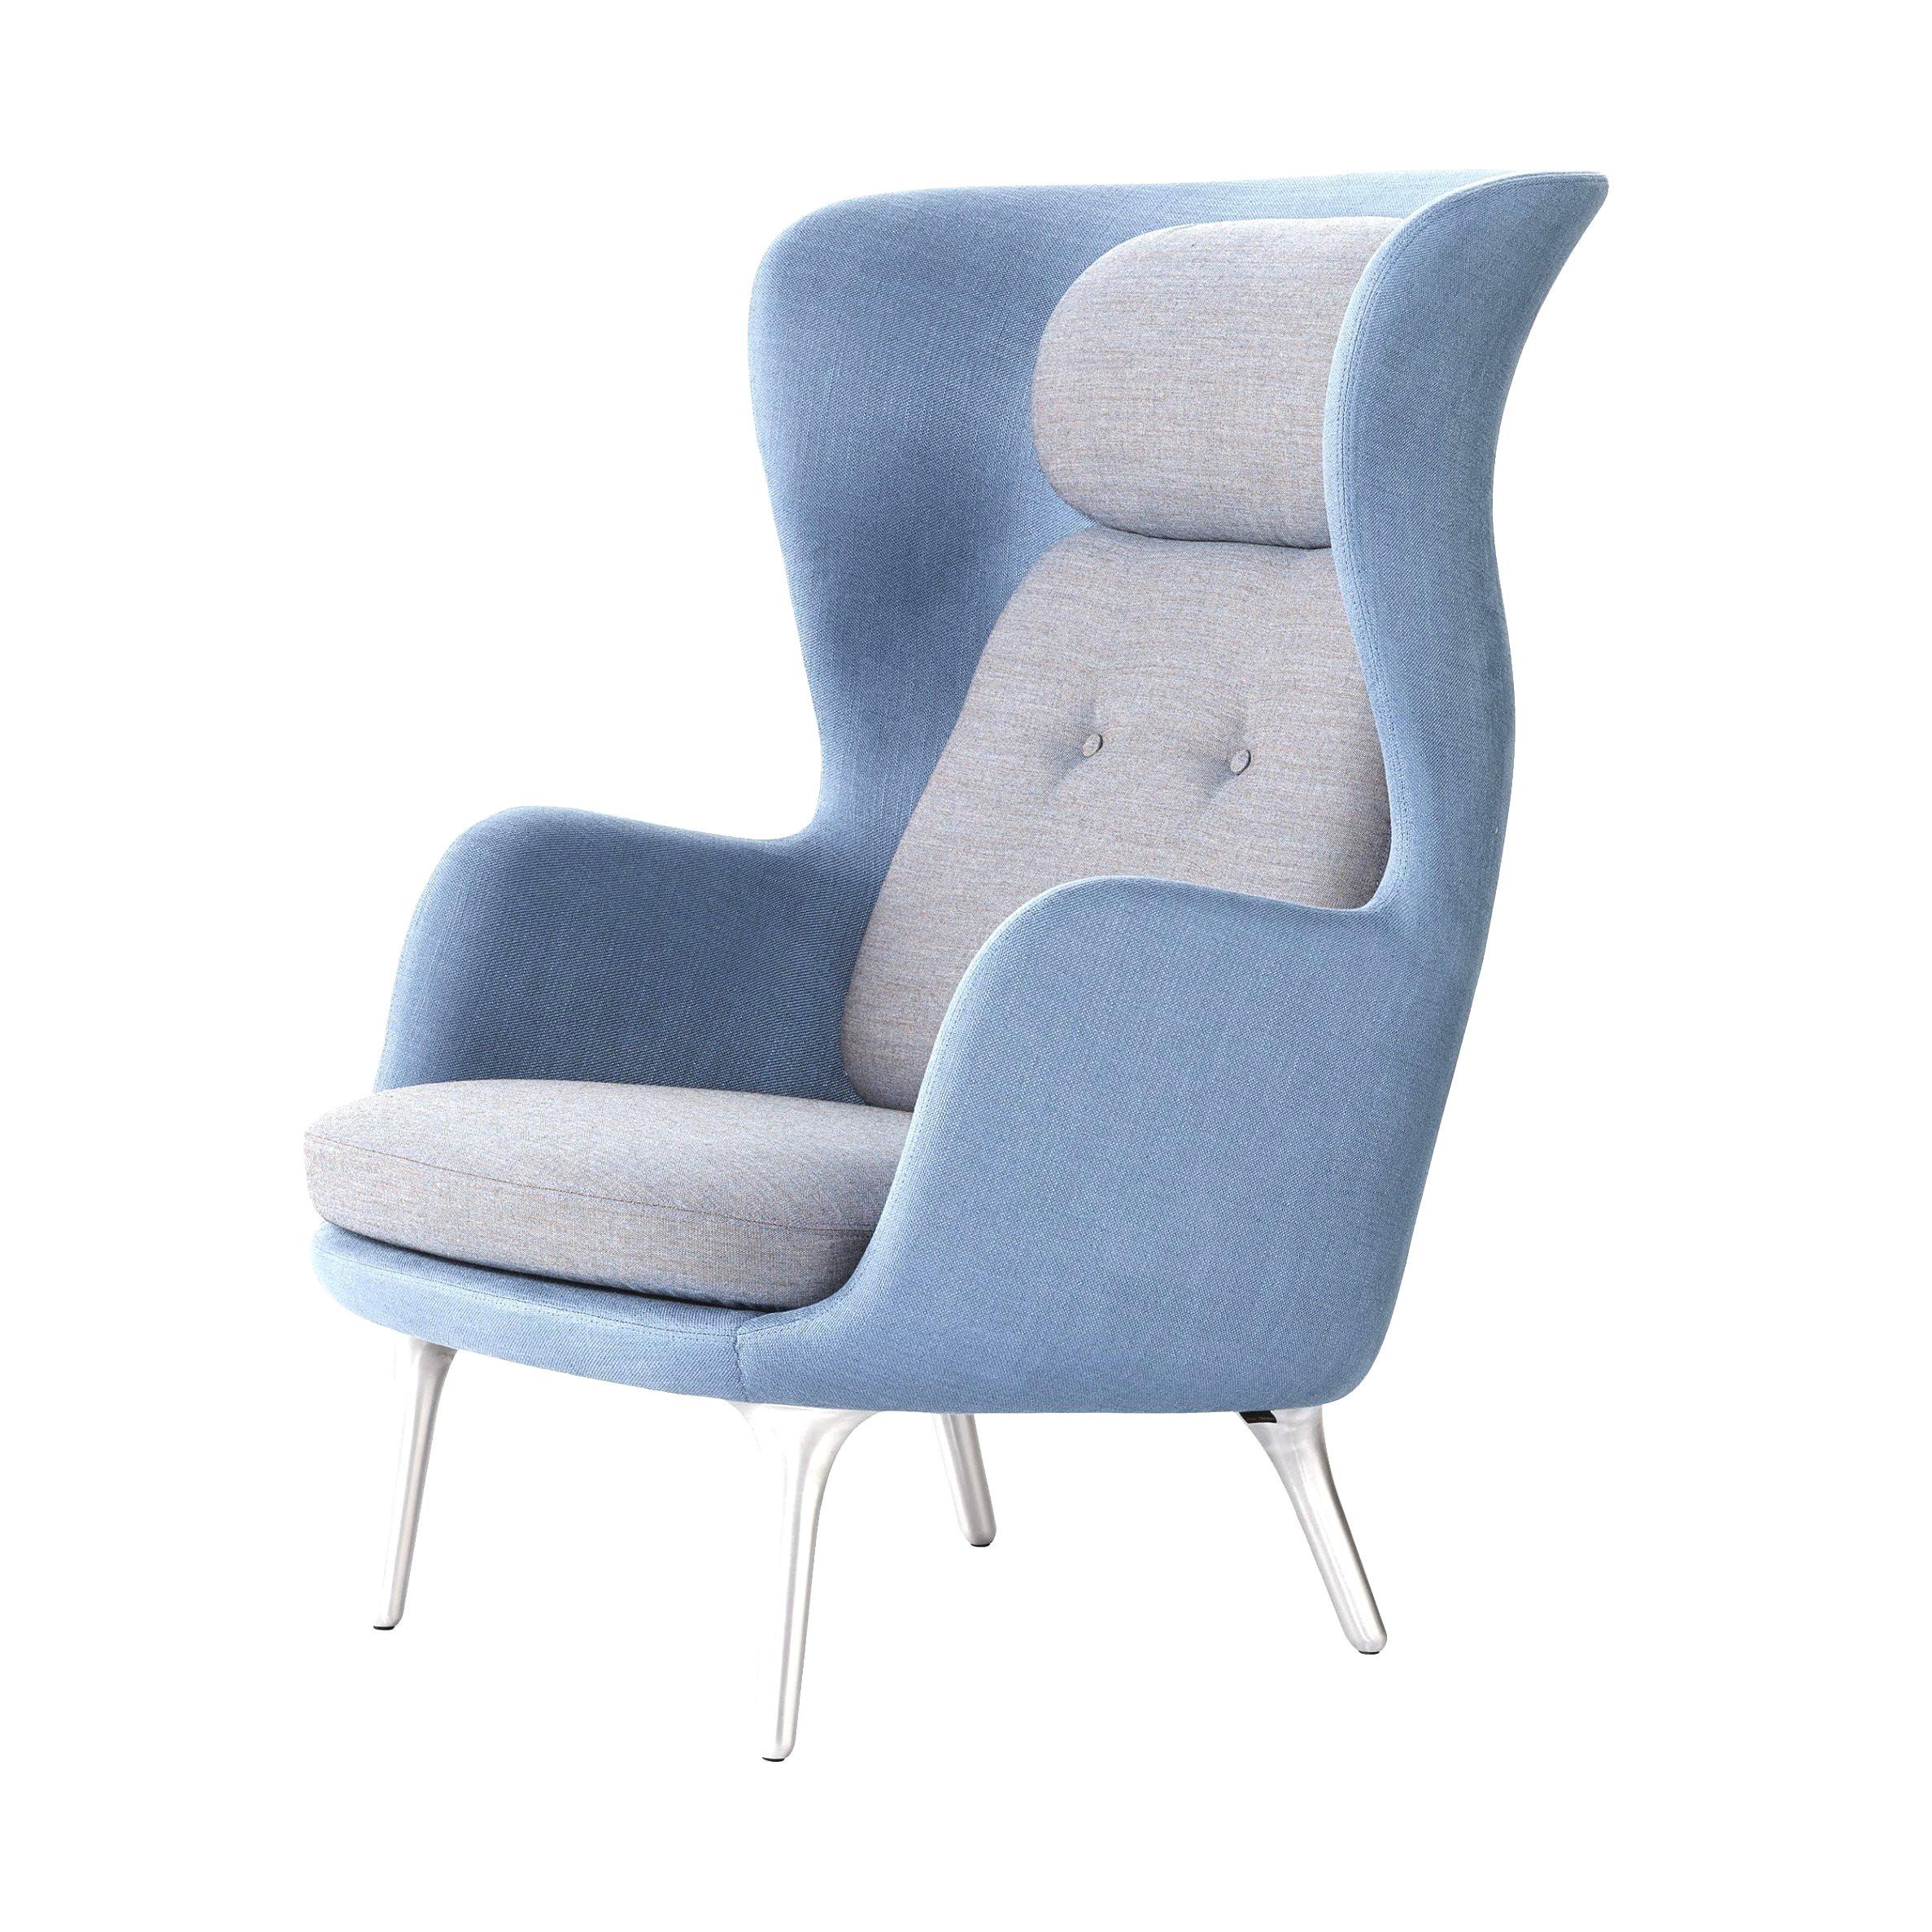 Swinging Egg Chair Ikea Ei Sessel Ikea Sessel Arne Jacobsen